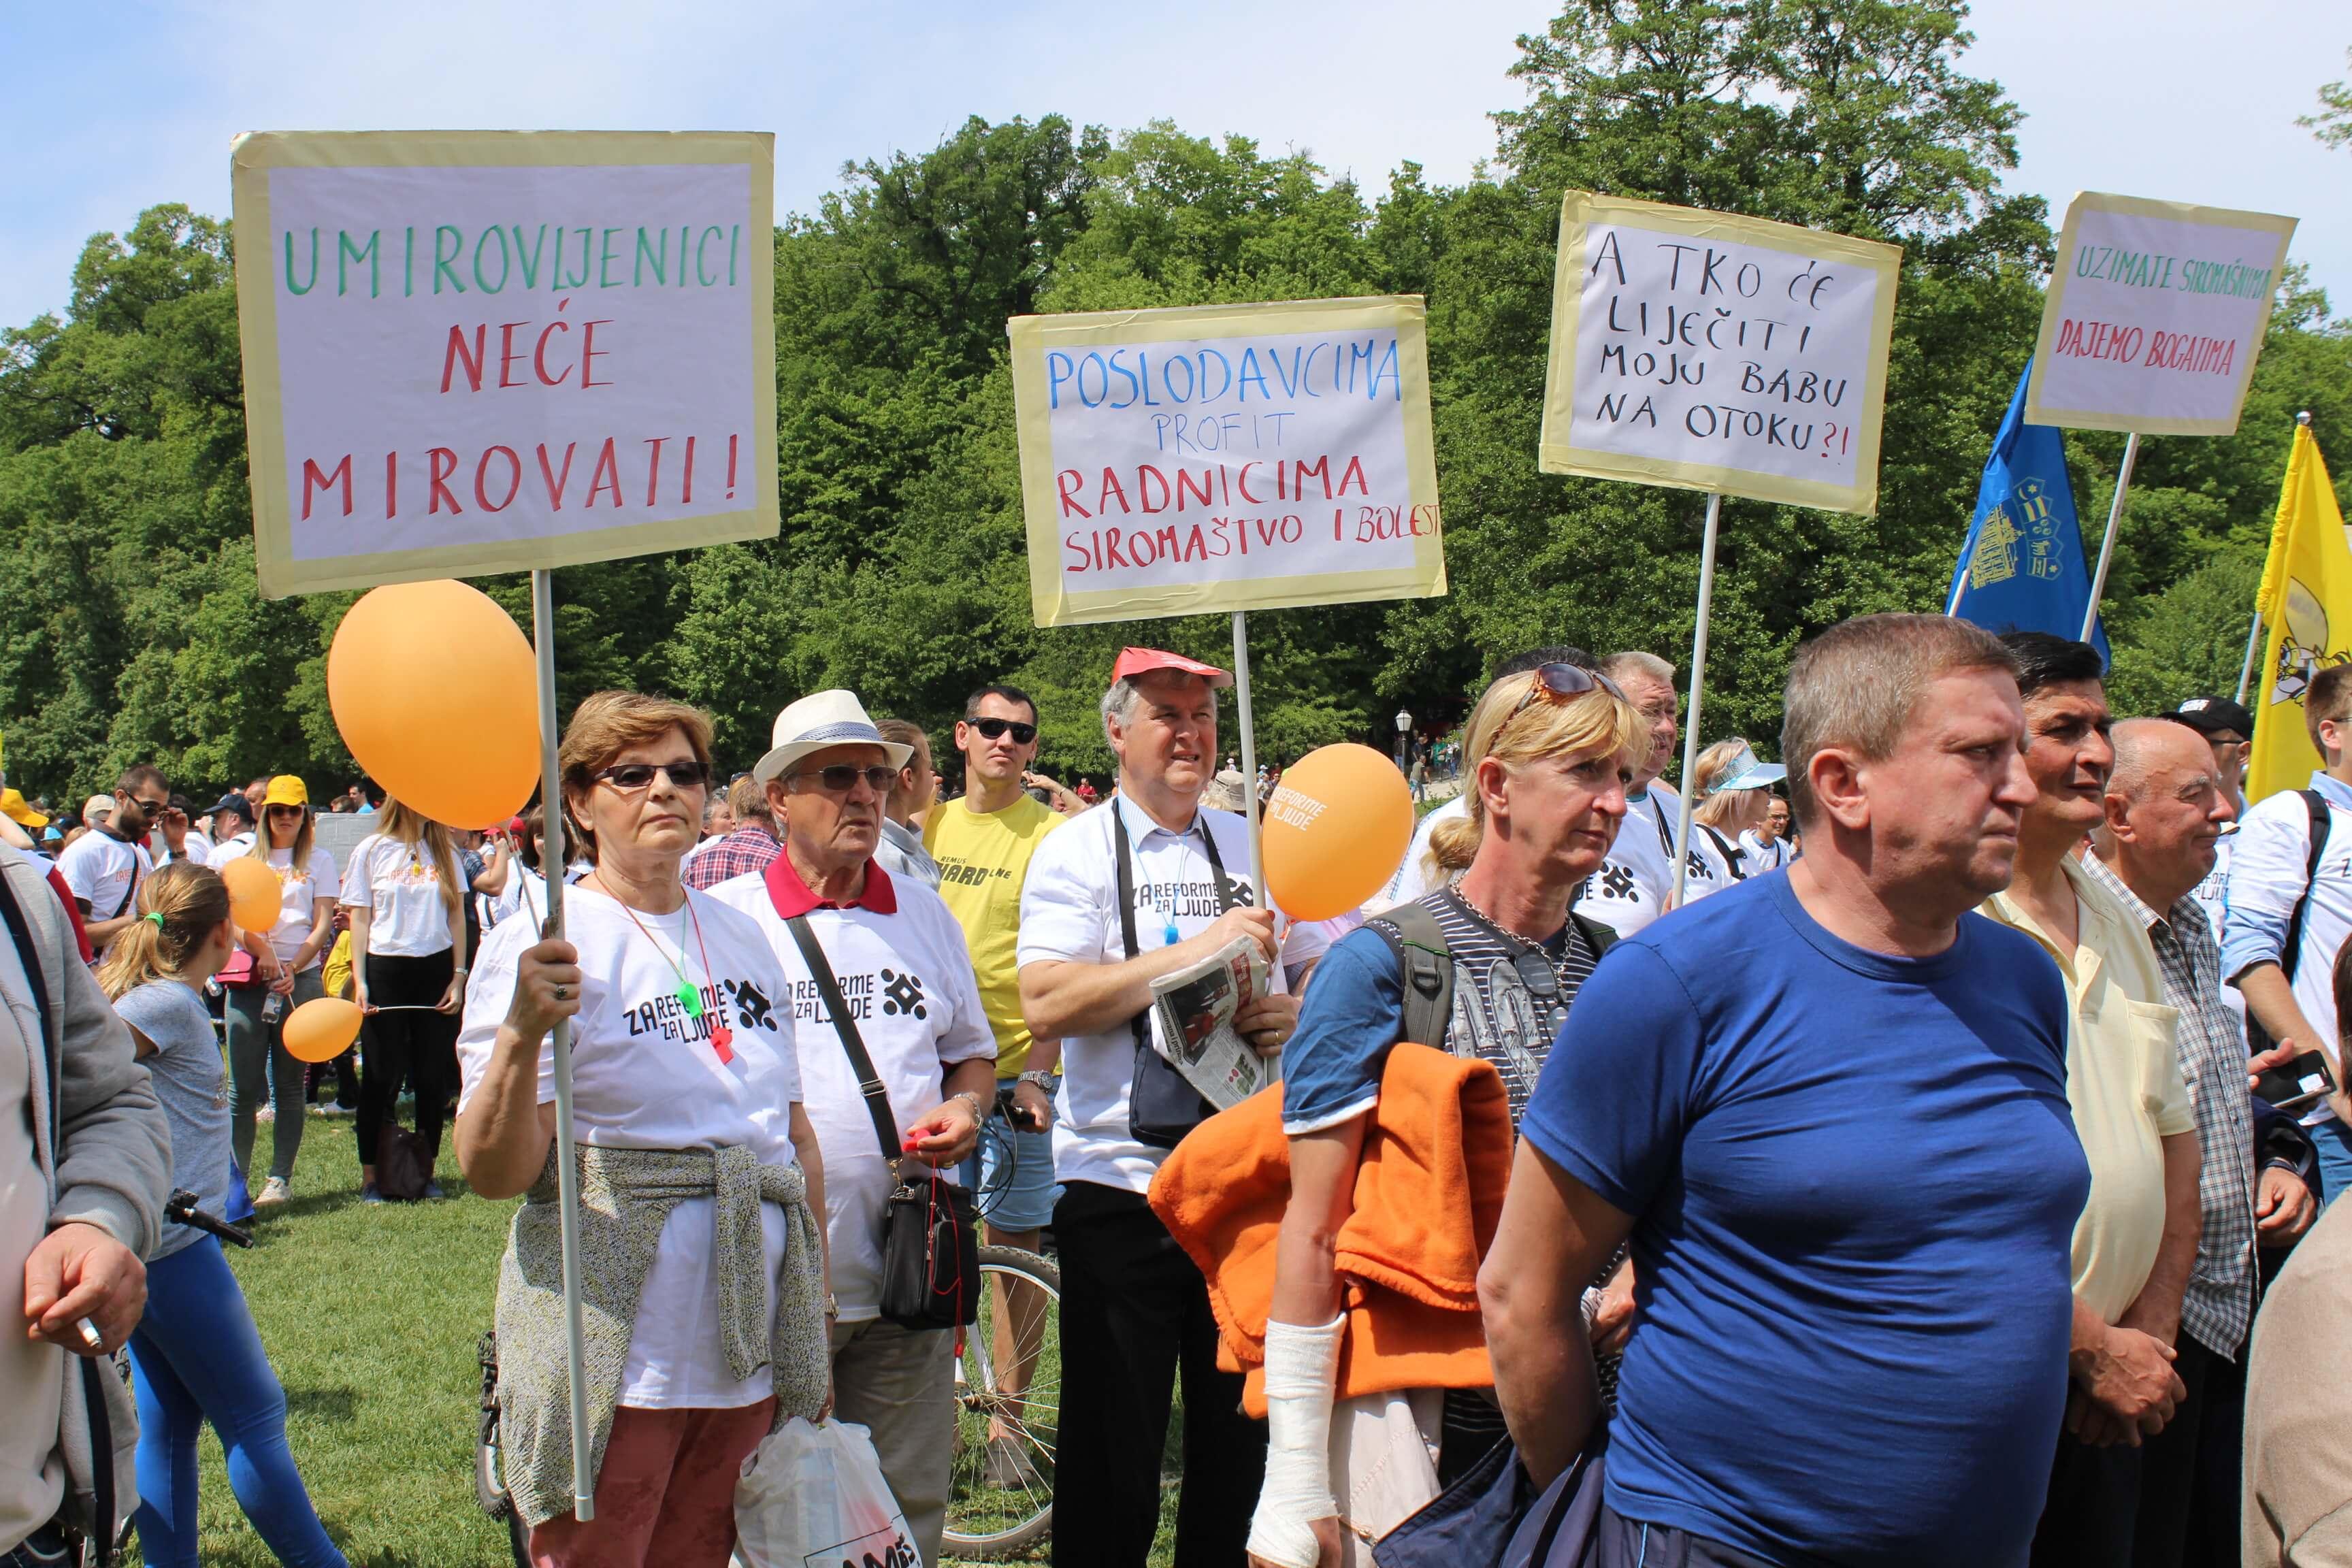 Petrović: Sindikatima ćemo se pridružiti u prosvjedu ako promjene stav o radu umirovljenika